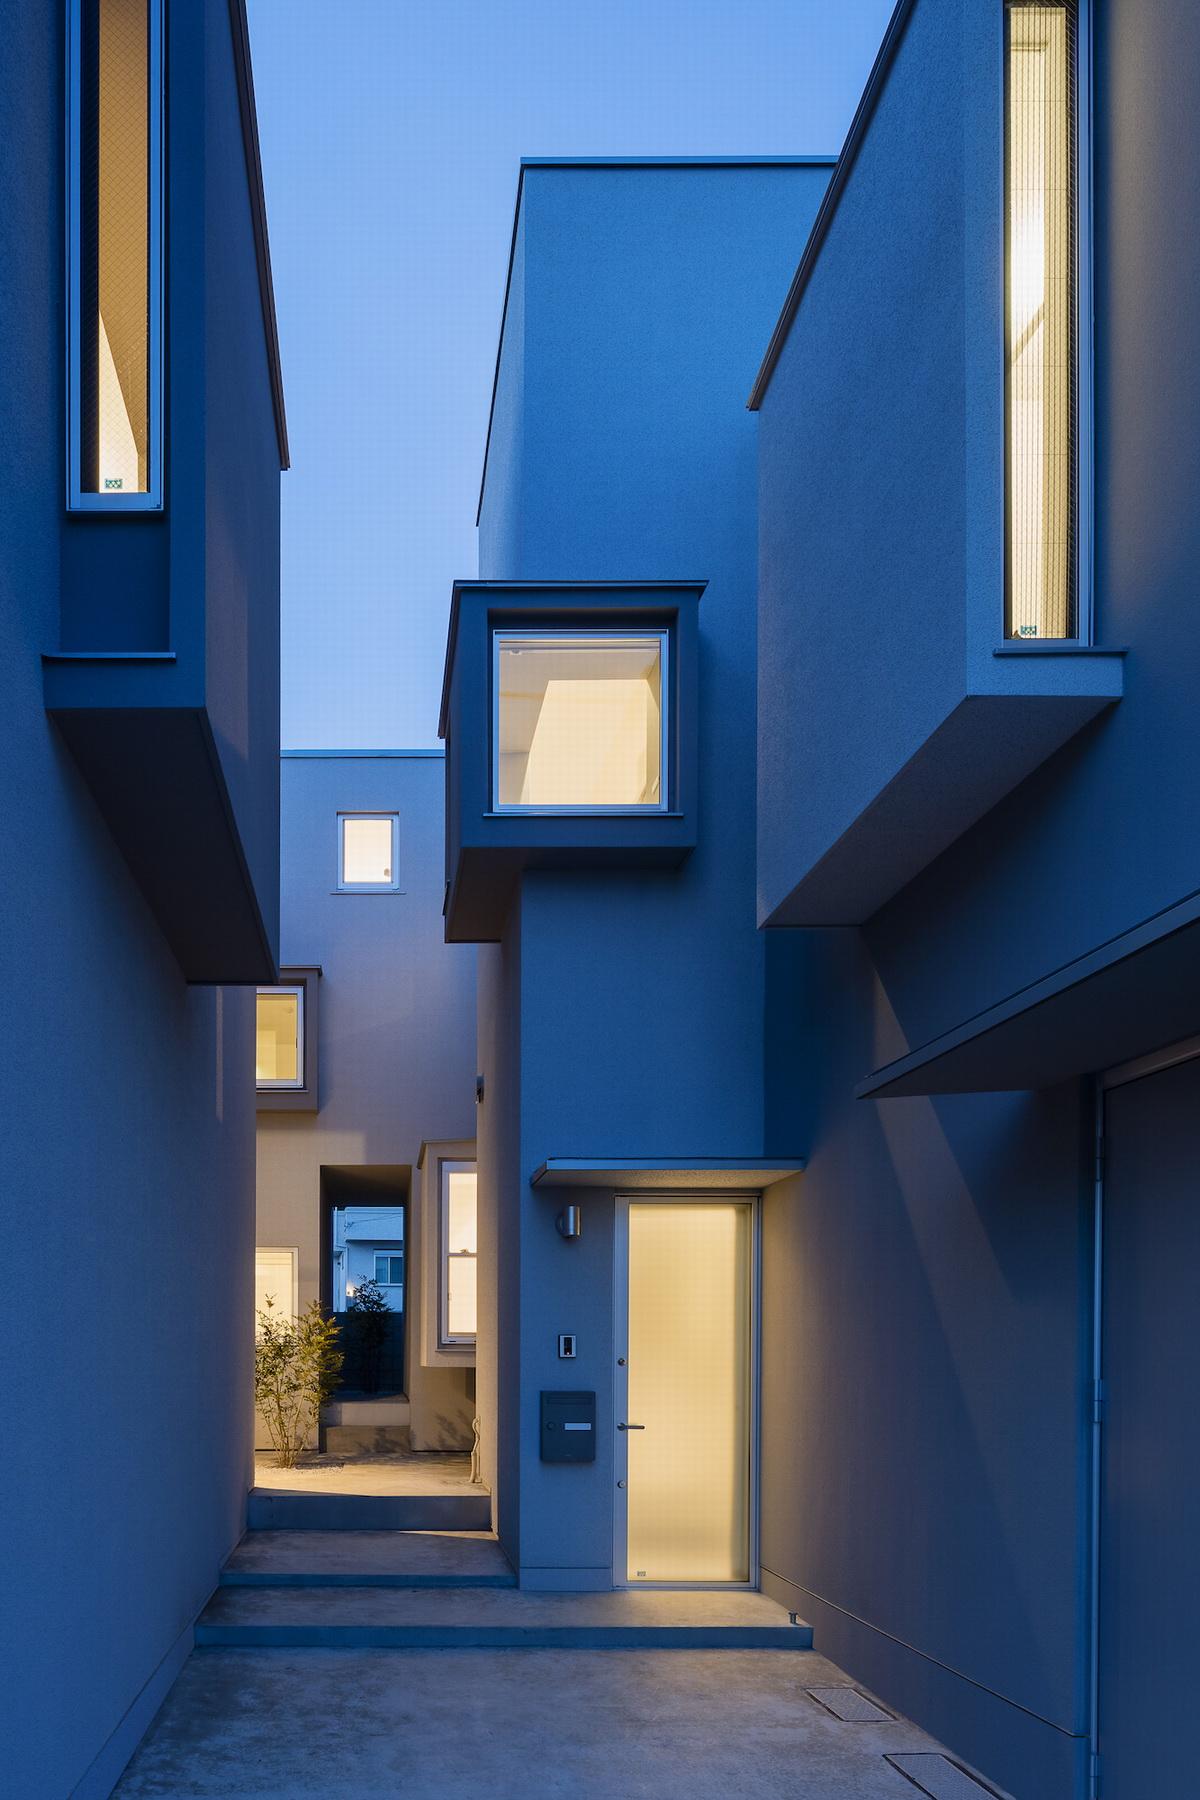 日本同联宅独立住宅建筑设计/河野有悟建筑事务所